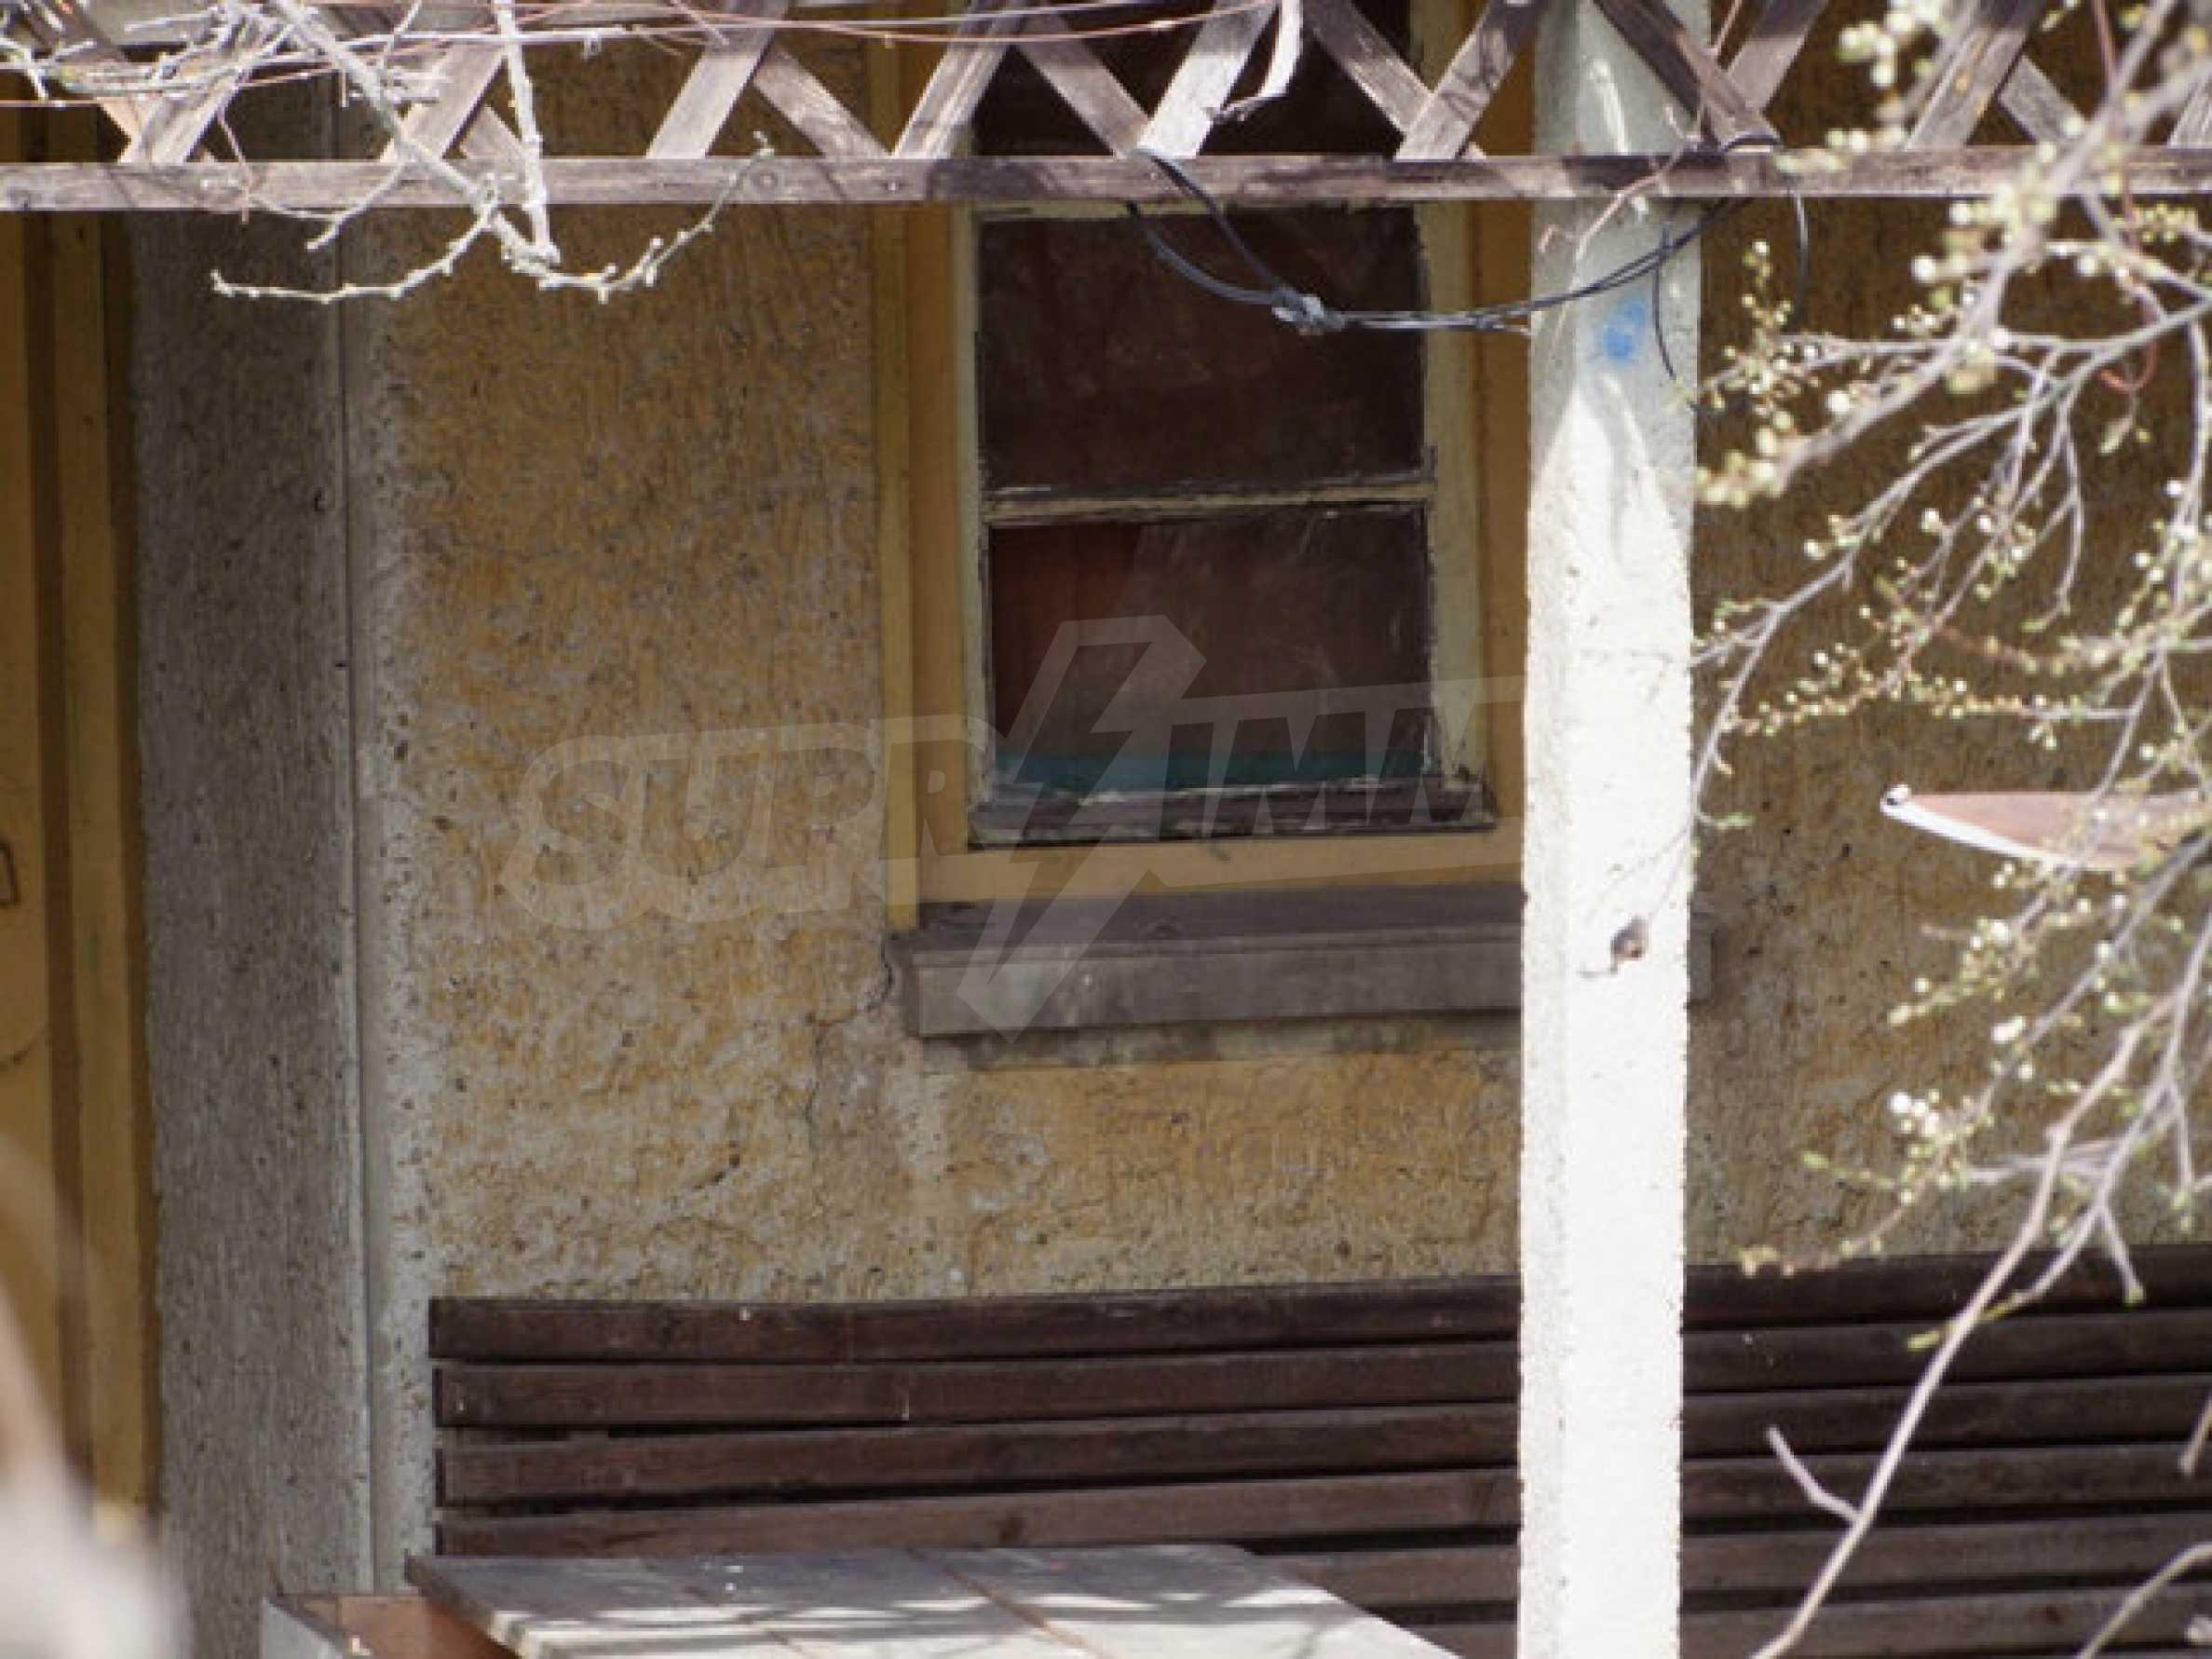 Backsteinhaus in einem Dorf, nur 100 Meter von der Hauptstraße entfernt 31